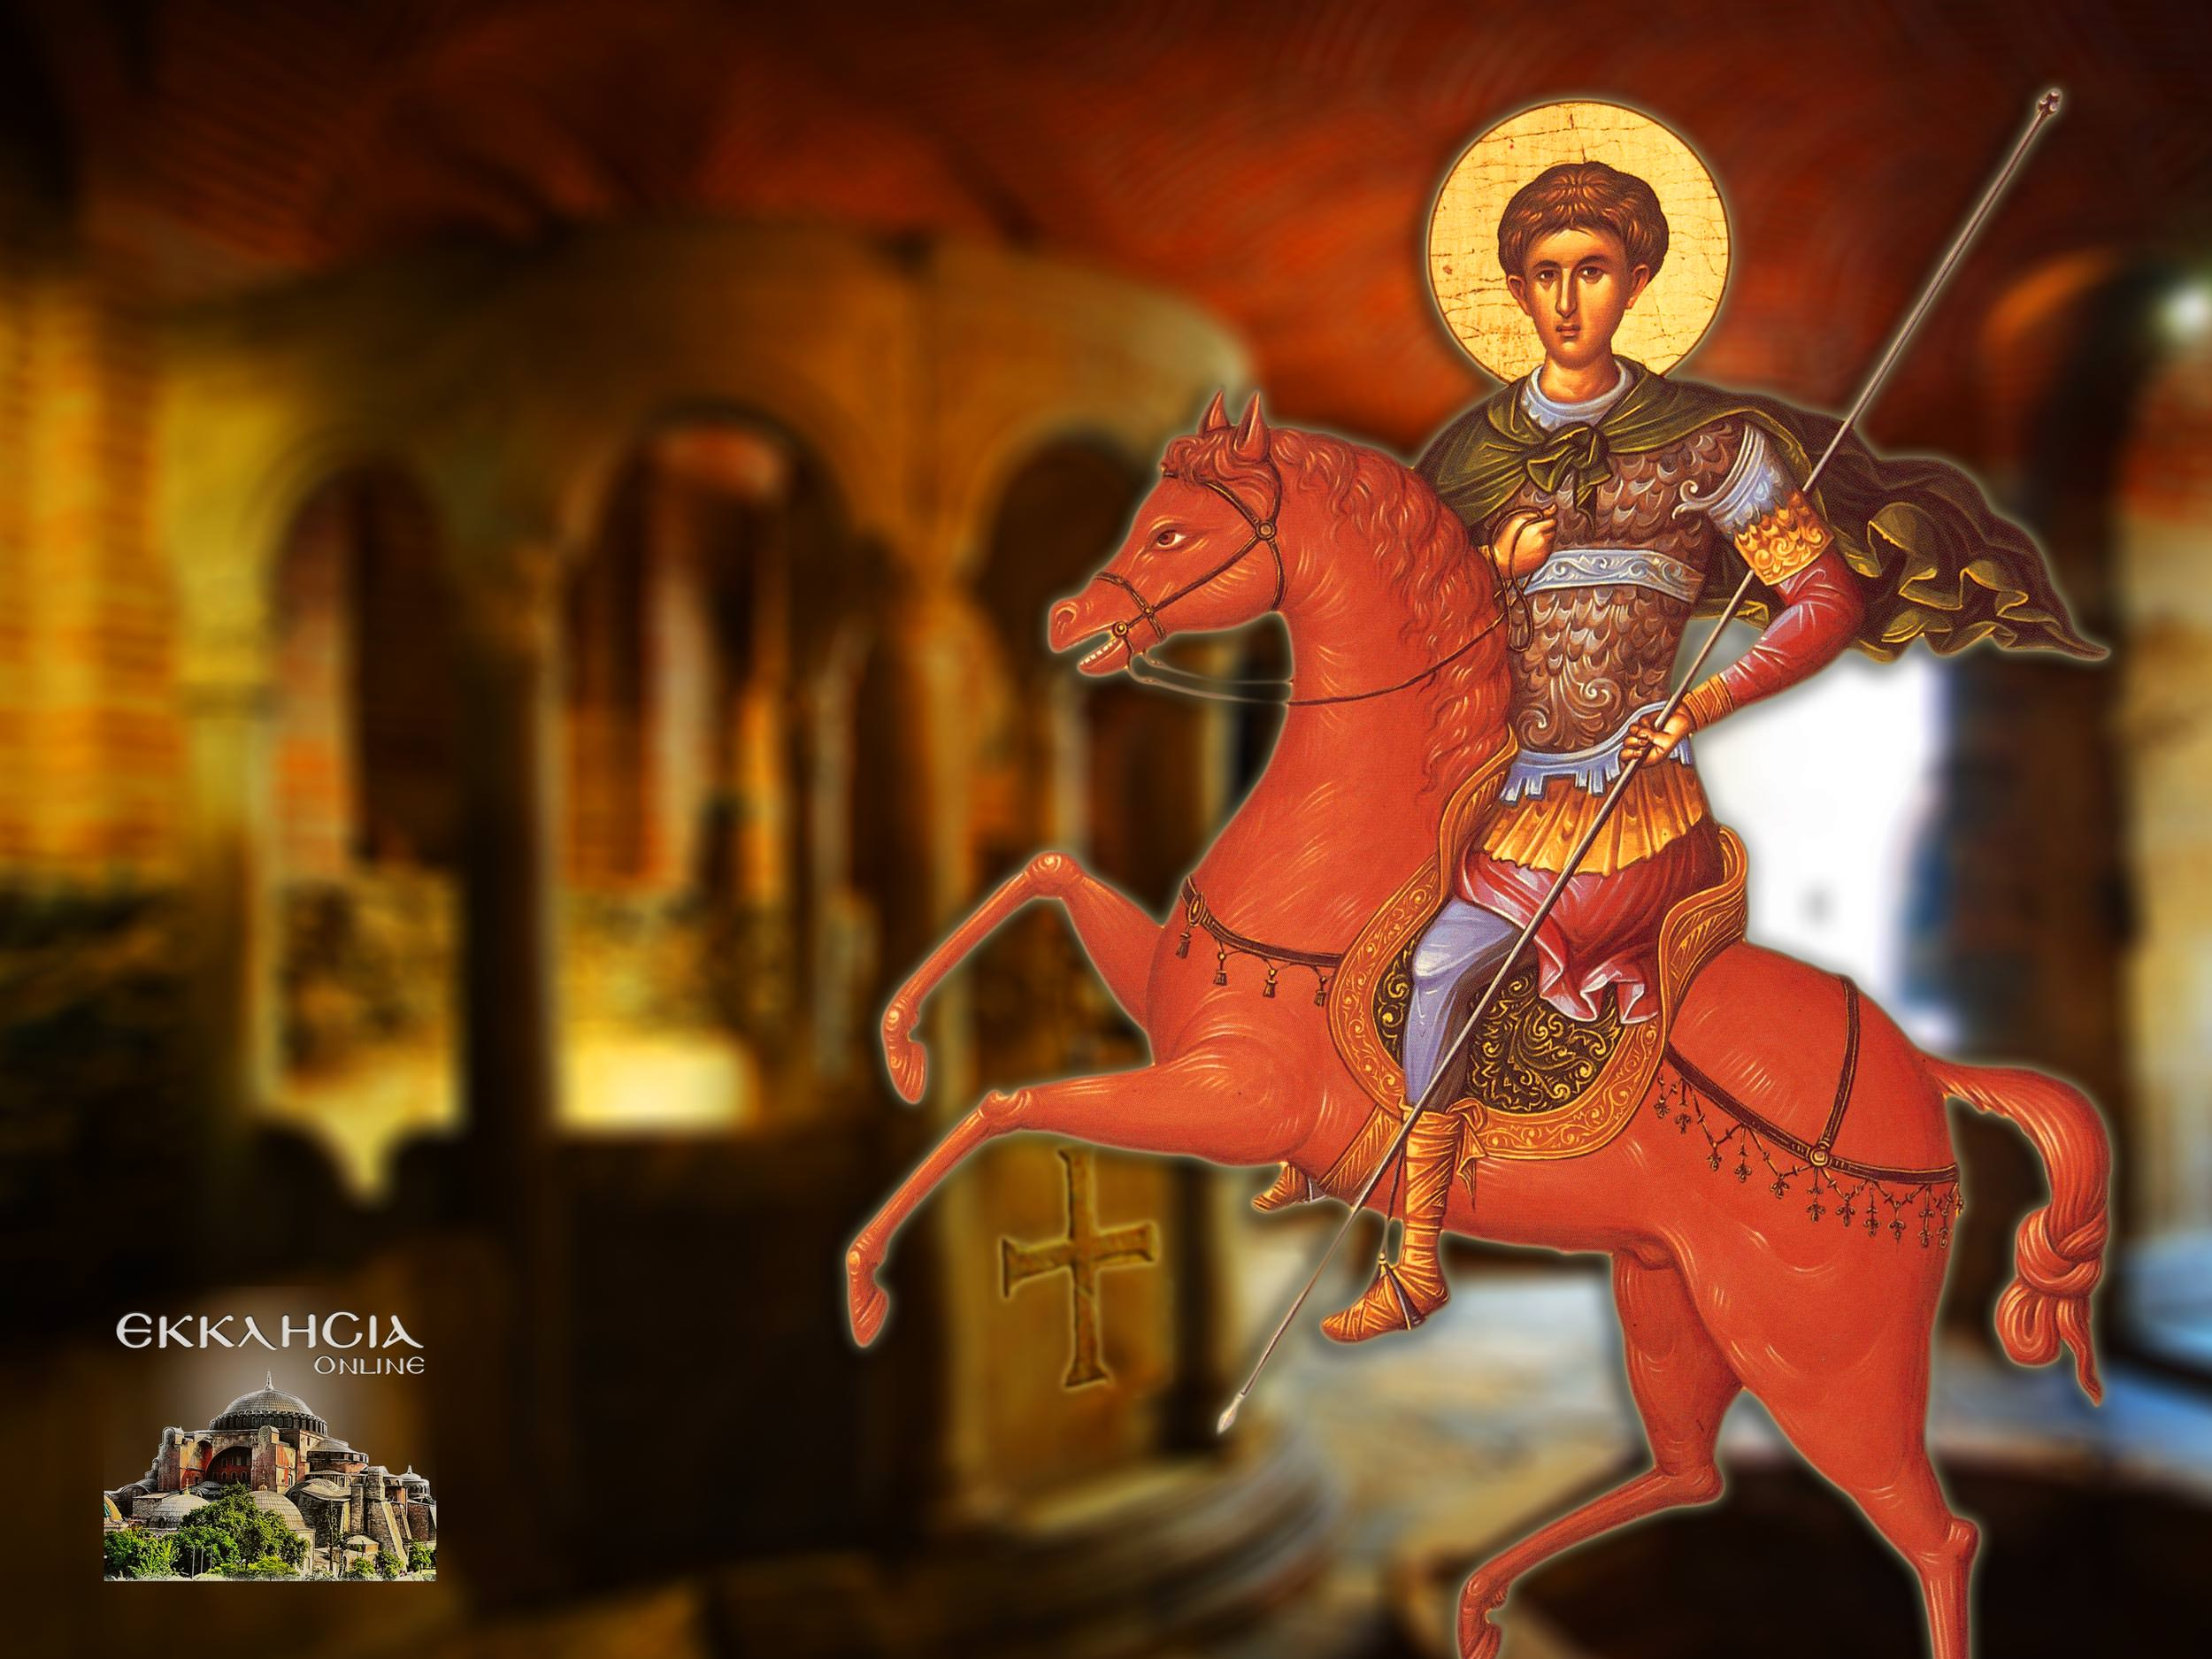 Άγιος Δημήτριος ο Μυροβλύτης 26 Οκτωβρίου